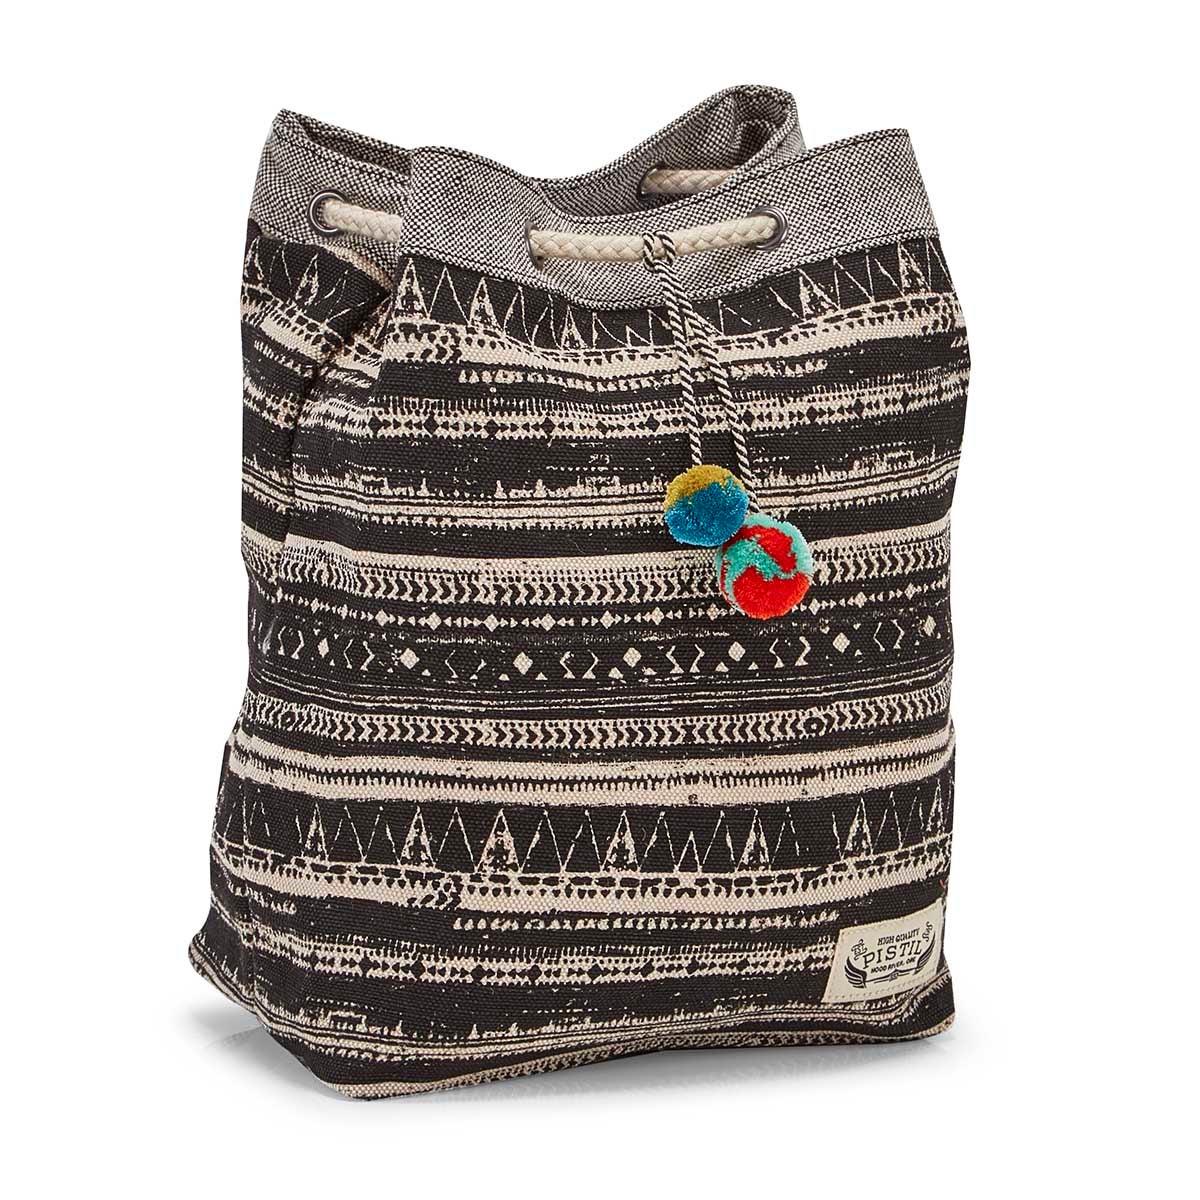 Lds Gossip zanzibar shoulder bag